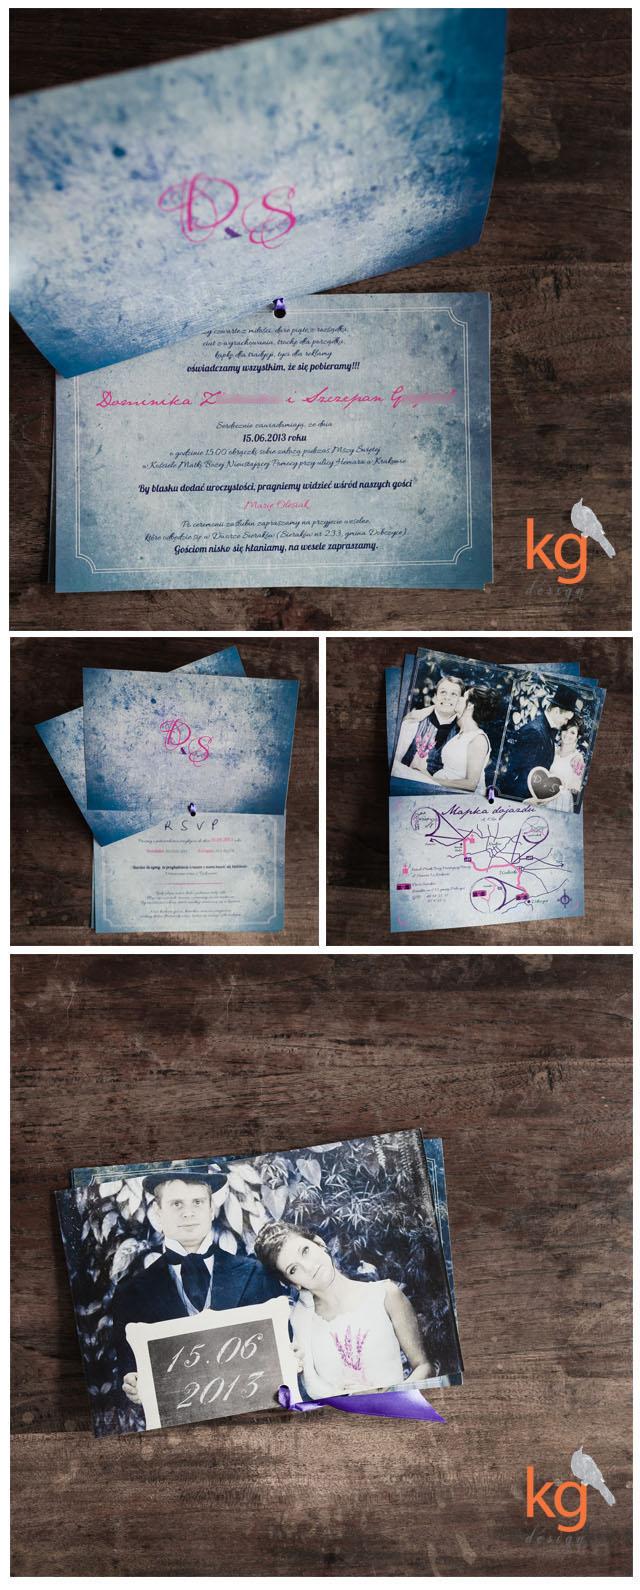 zaproszenie w stylu retro ze zdjęciem Narzeczonych w fioletowo - niebiesko - szaro - fuksjowej kolorystyce, wyjątkowe zaproszenie na ślub, oryginalne i nietypowe, motyw przewodni zaporszenia, postarzane, stylizowane na stare, na lata 20, stara fotografia, znaczek na kopercie, styl retro, styl vintage, kolorystyka fioletowy, różowy, fuksja, szary, niebieski, styl rustykalny, zaproszenie z RSVP, potwierdzeniem przybycia, mapka dojazdu, zaproszenie jak kalendarz, wiązane u góry wstążką. indywidualny projekt ślubnego zaproszenia, Kg Design, poligrafia ślubna, papeteria ślubna, niepowtarzalne, niestandardowe zaproszenie ślubne, projekt ślubny, logo, monogram pary młodej, inspiracje ślubne, lawendowy, wrzosowy, styl retro